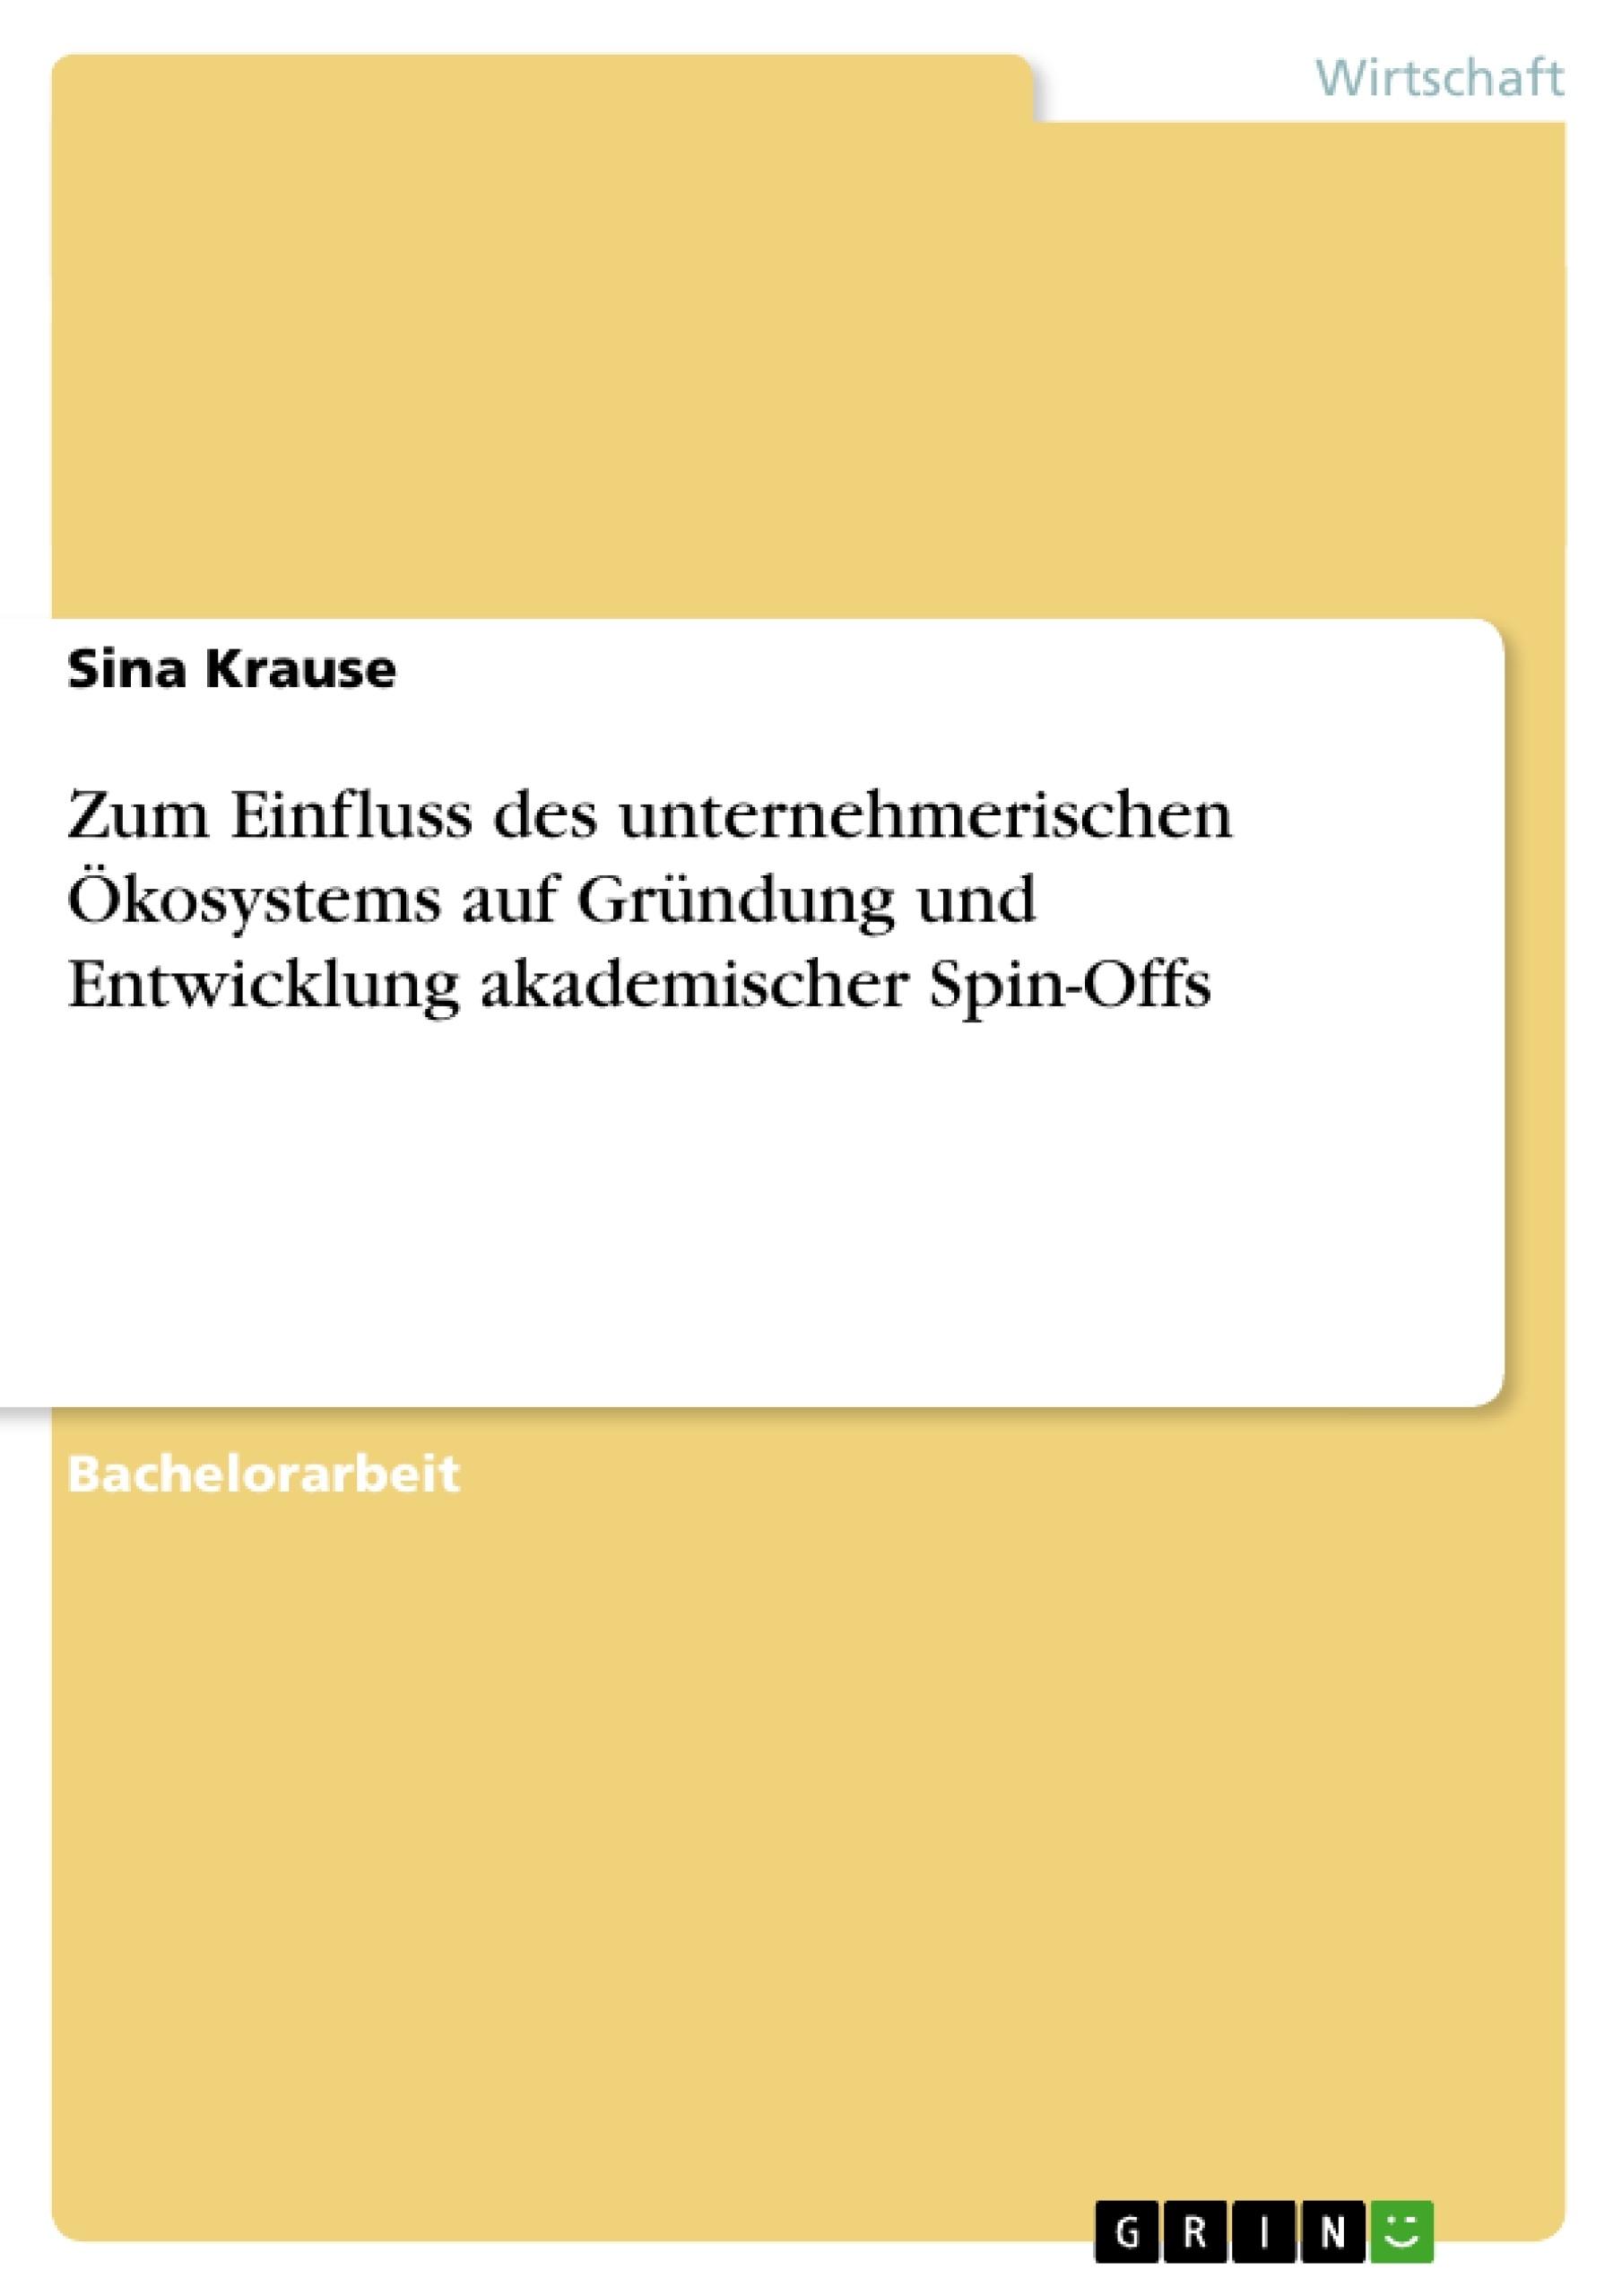 Titel: Zum Einfluss des unternehmerischen Ökosystems auf Gründung und Entwicklung akademischer Spin-Offs